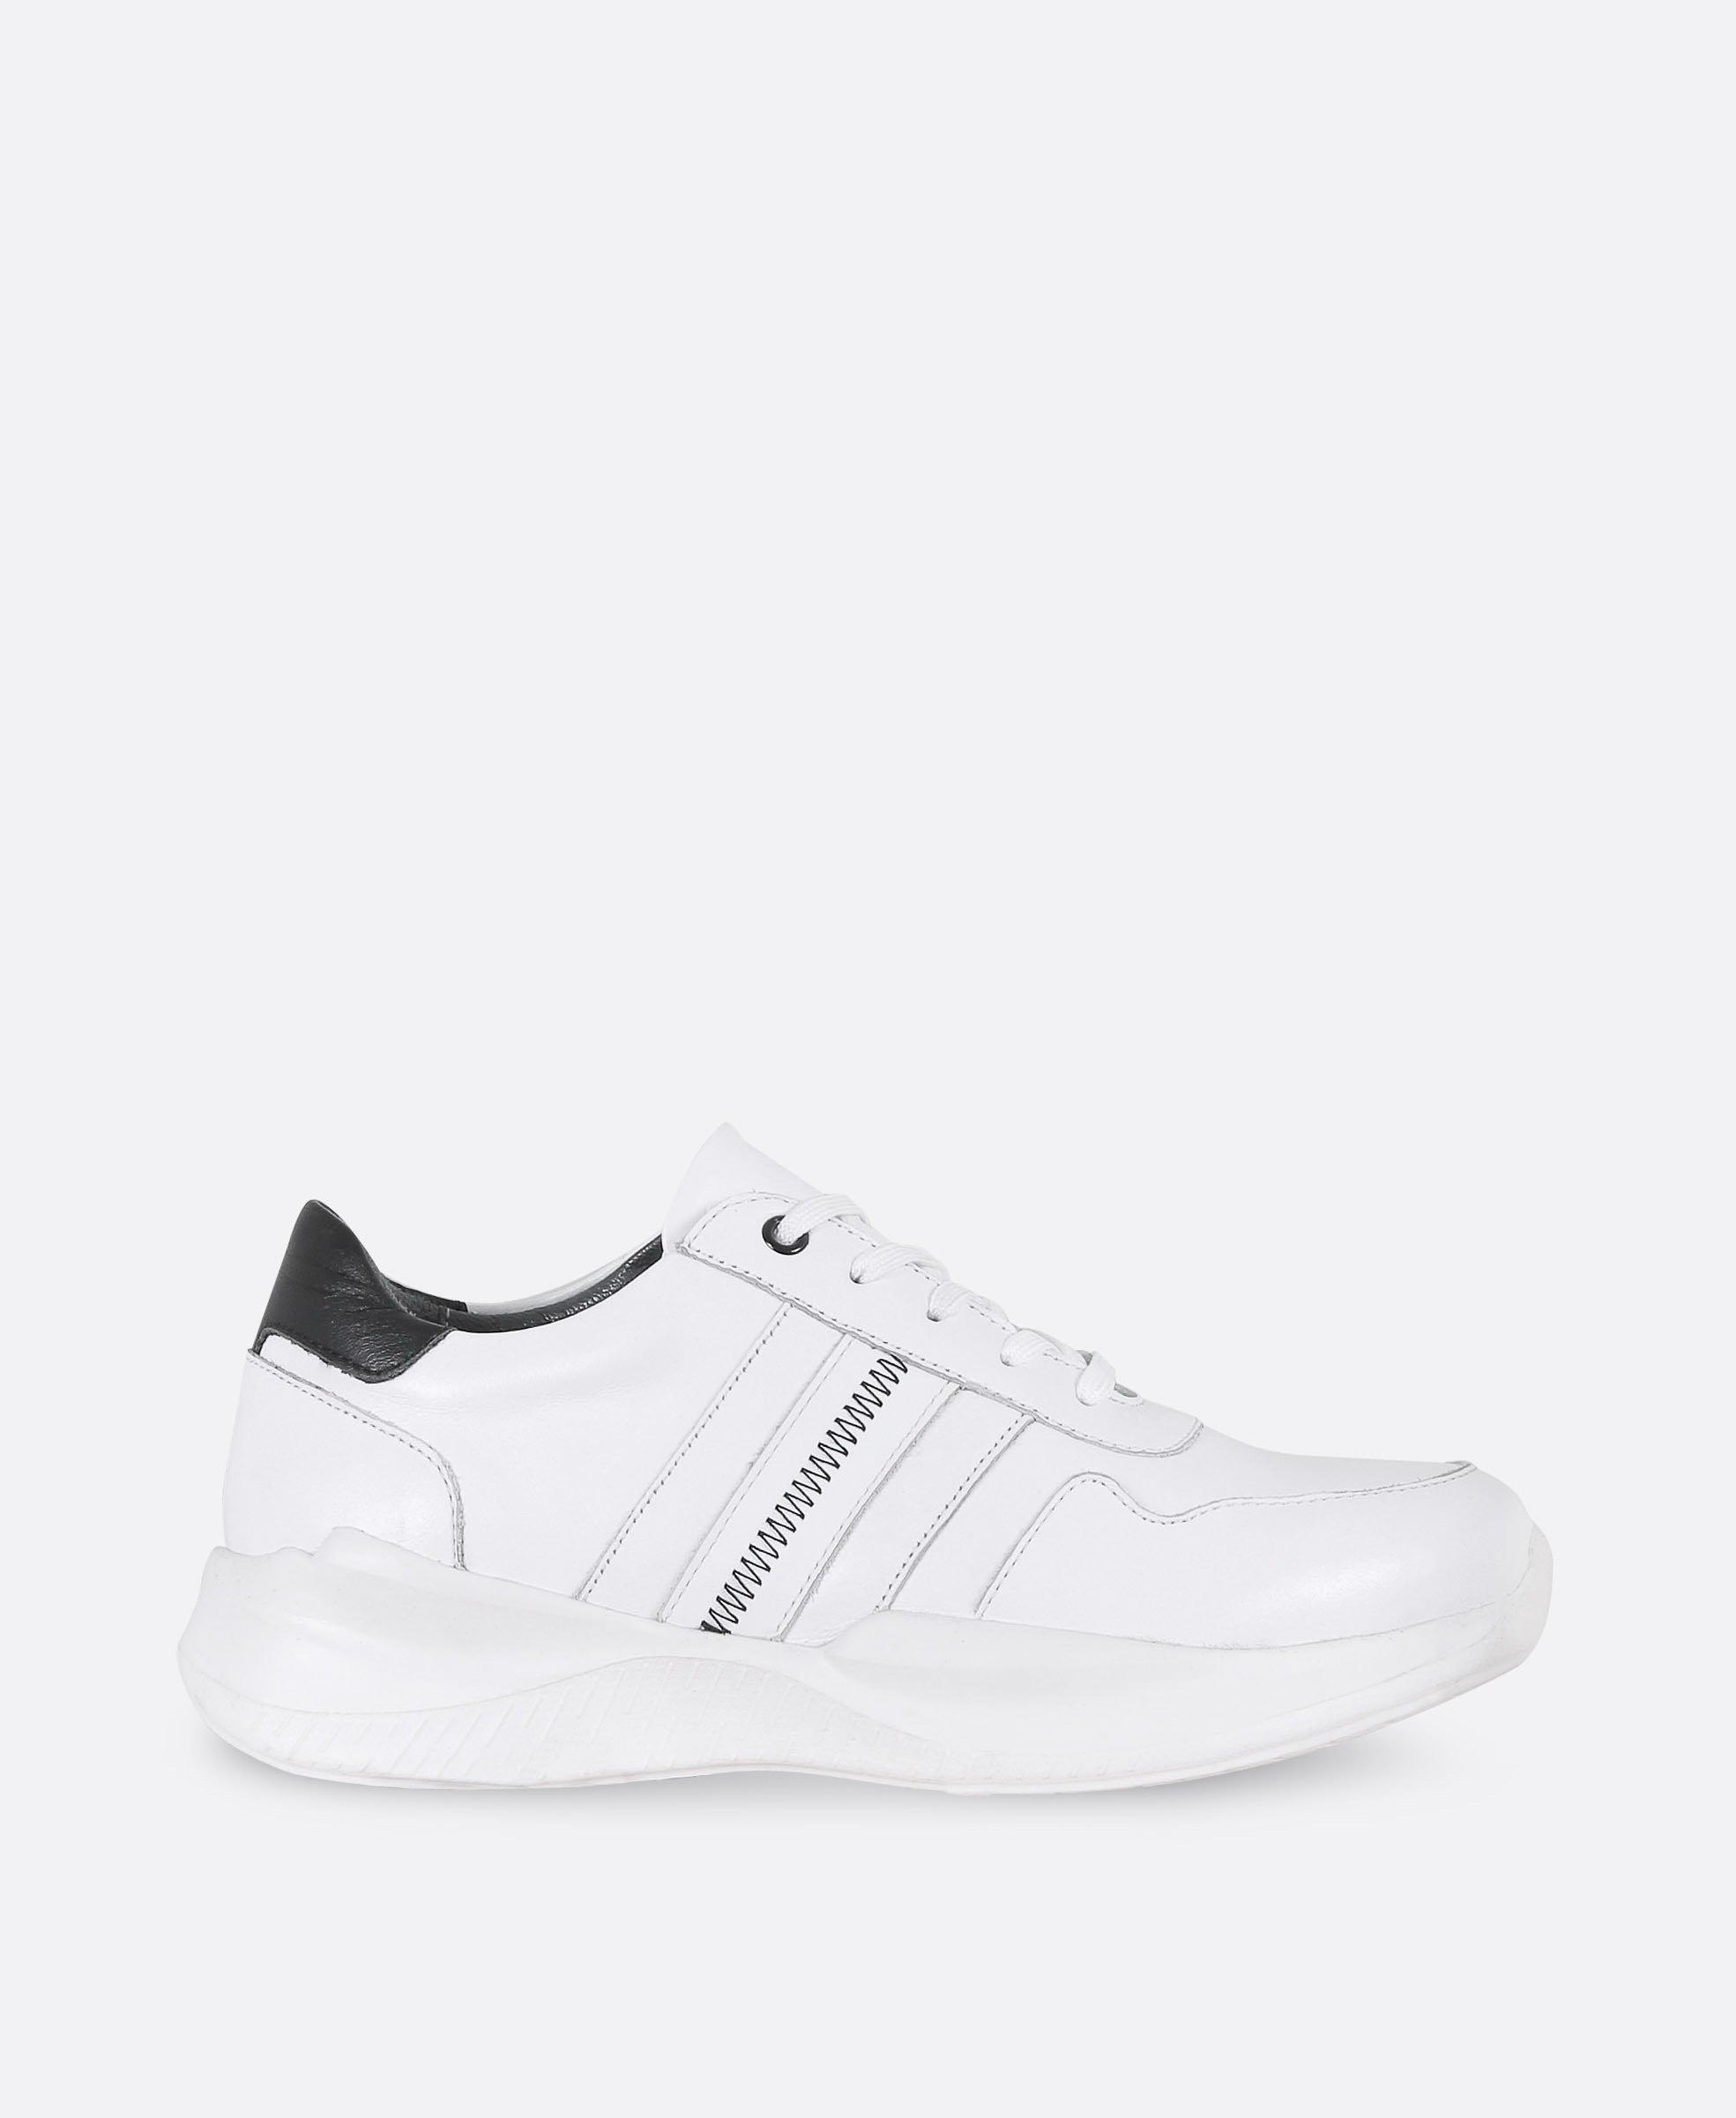 کفش کتانی زنانه چرم 0295